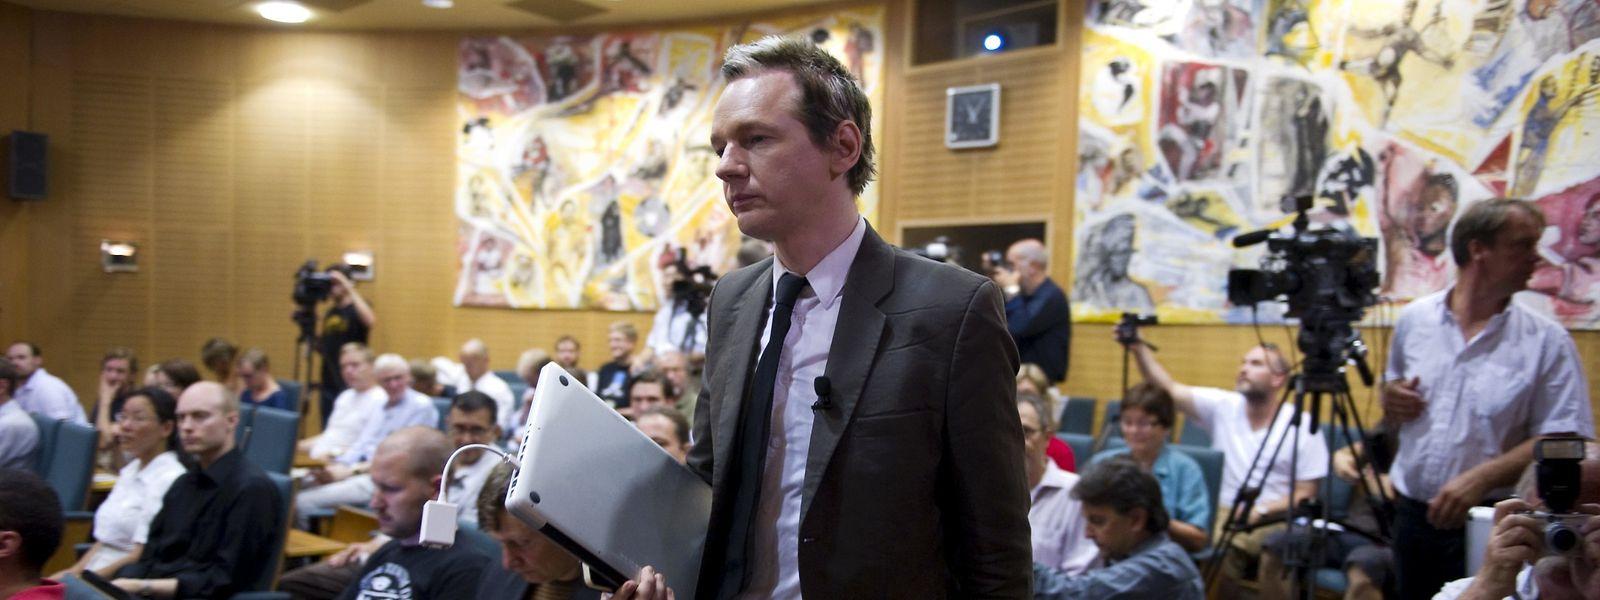 Assange während einer Konferenz im August 2010 in Stockholm.